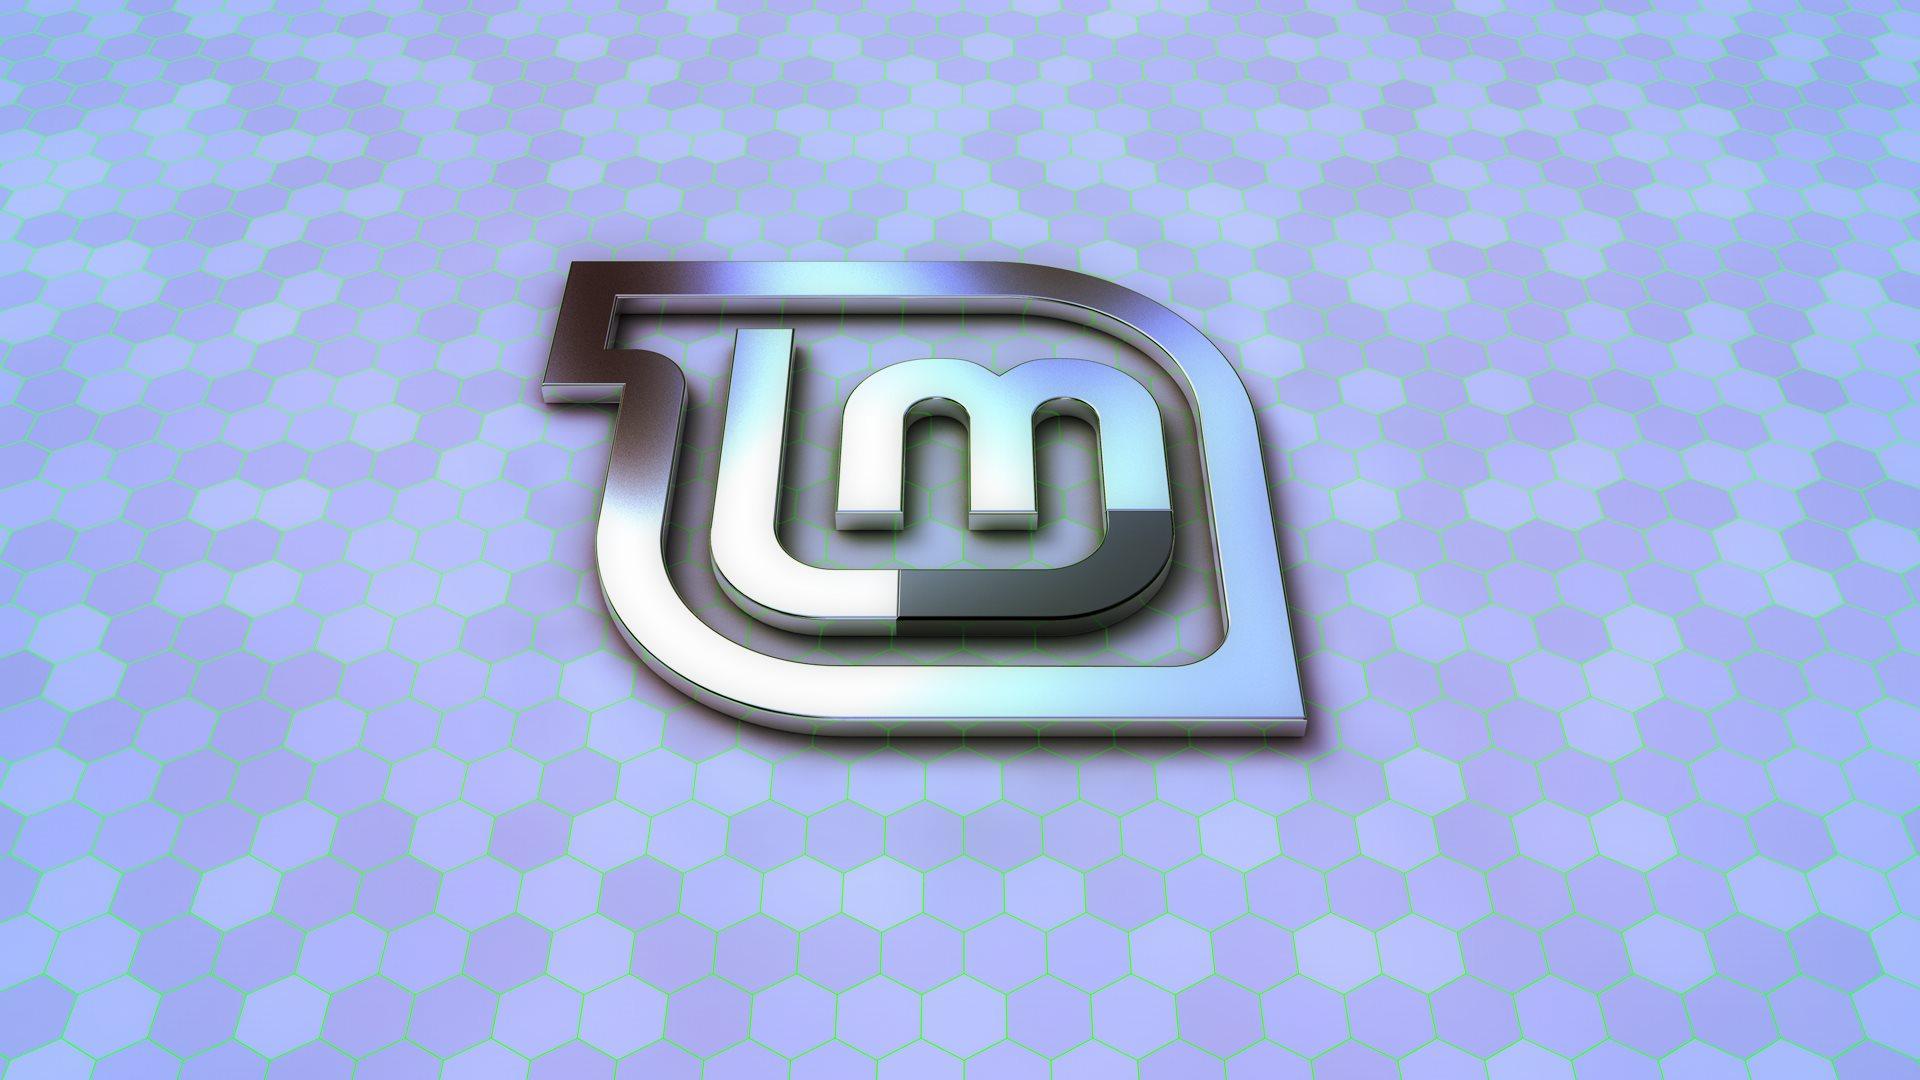 Top Linux Mint Wallpaper 1080p Images for Pinterest 1920x1080